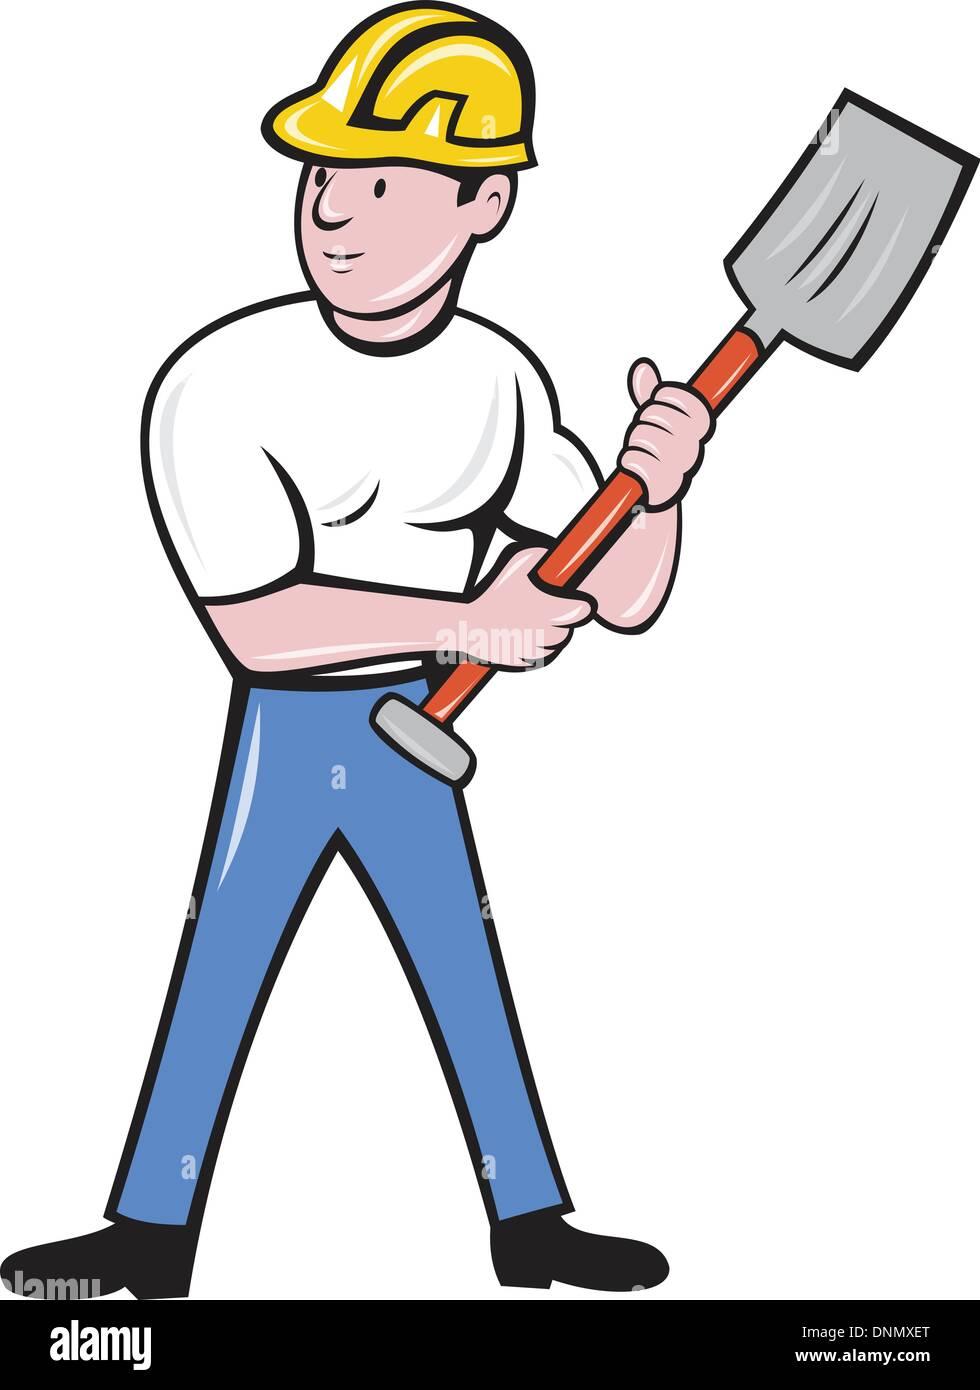 Illustration d'une construction worker wearing hard hat holding une pelle bêche avant permanent sur fond isolé fait en cartoon style Photo Stock